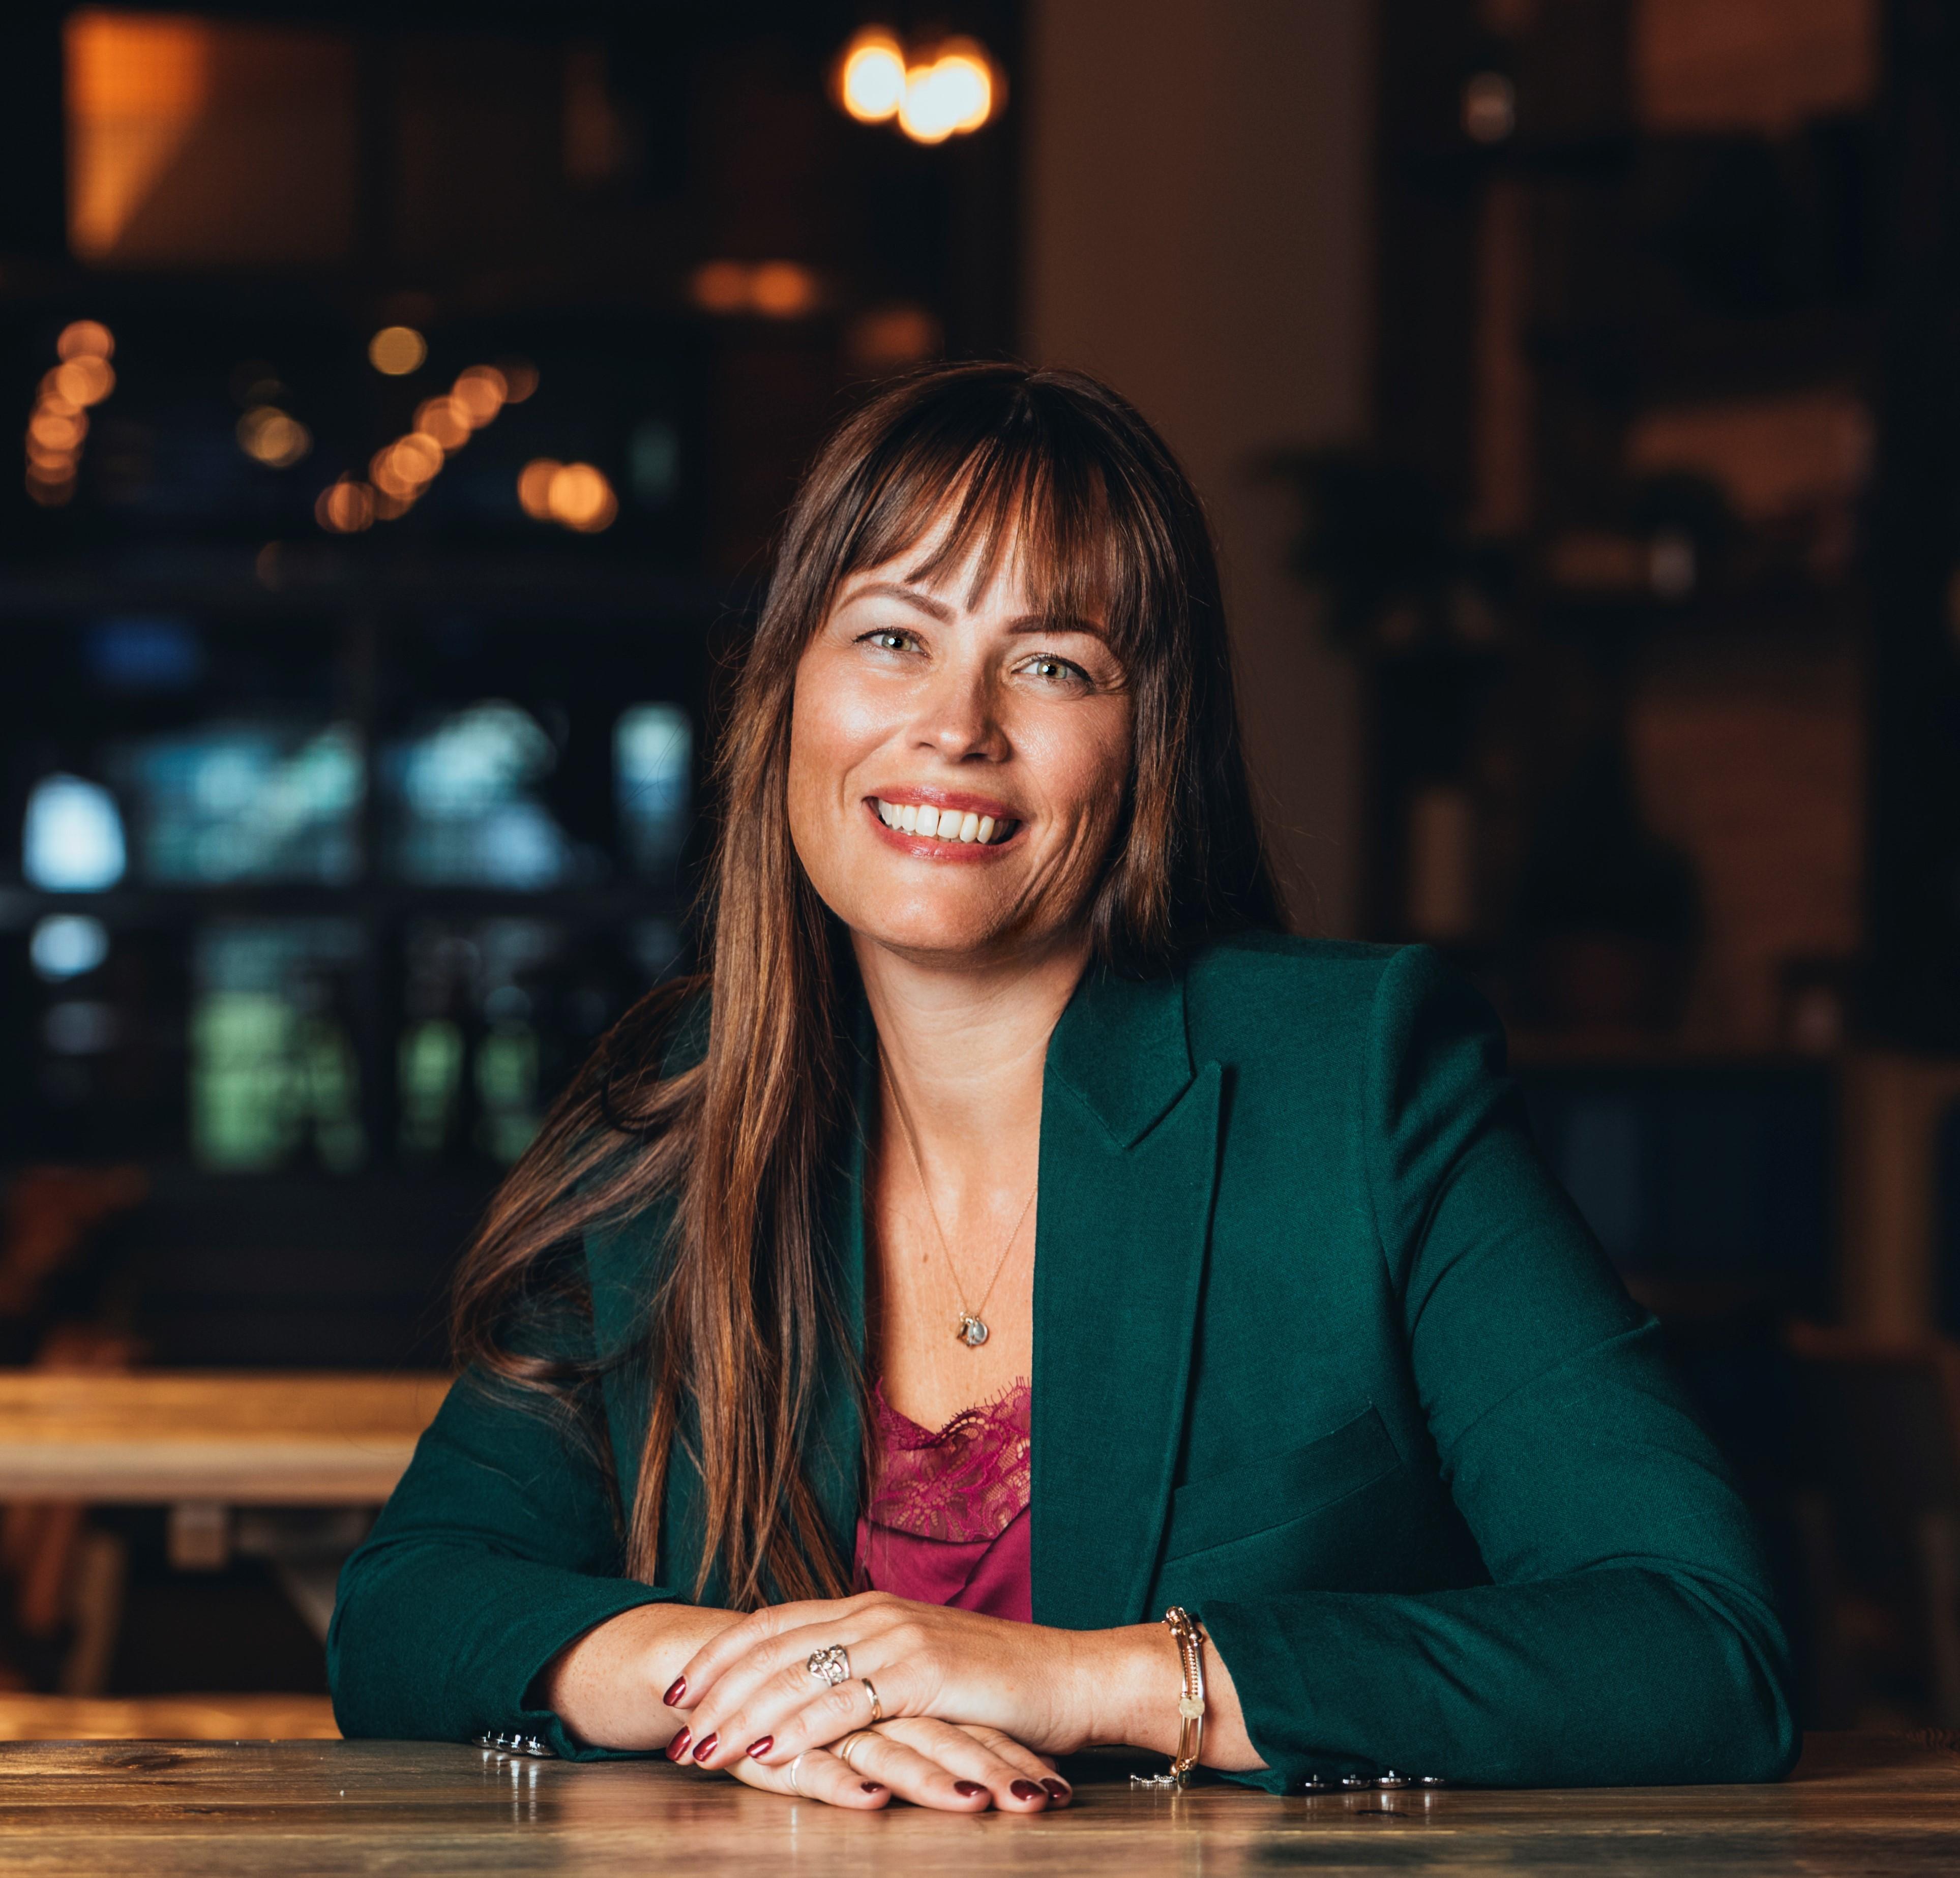 Award winning entrepreneur sets up national Swap Shop platform for small businesses.